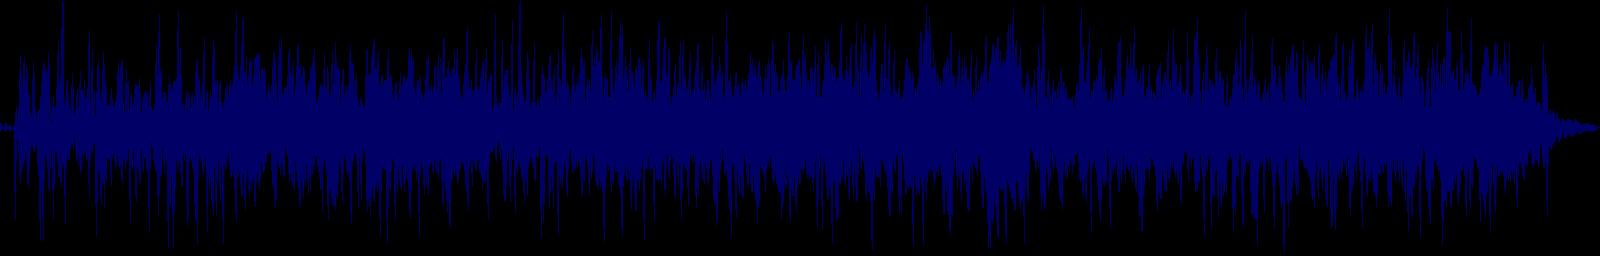 waveform of track #151035